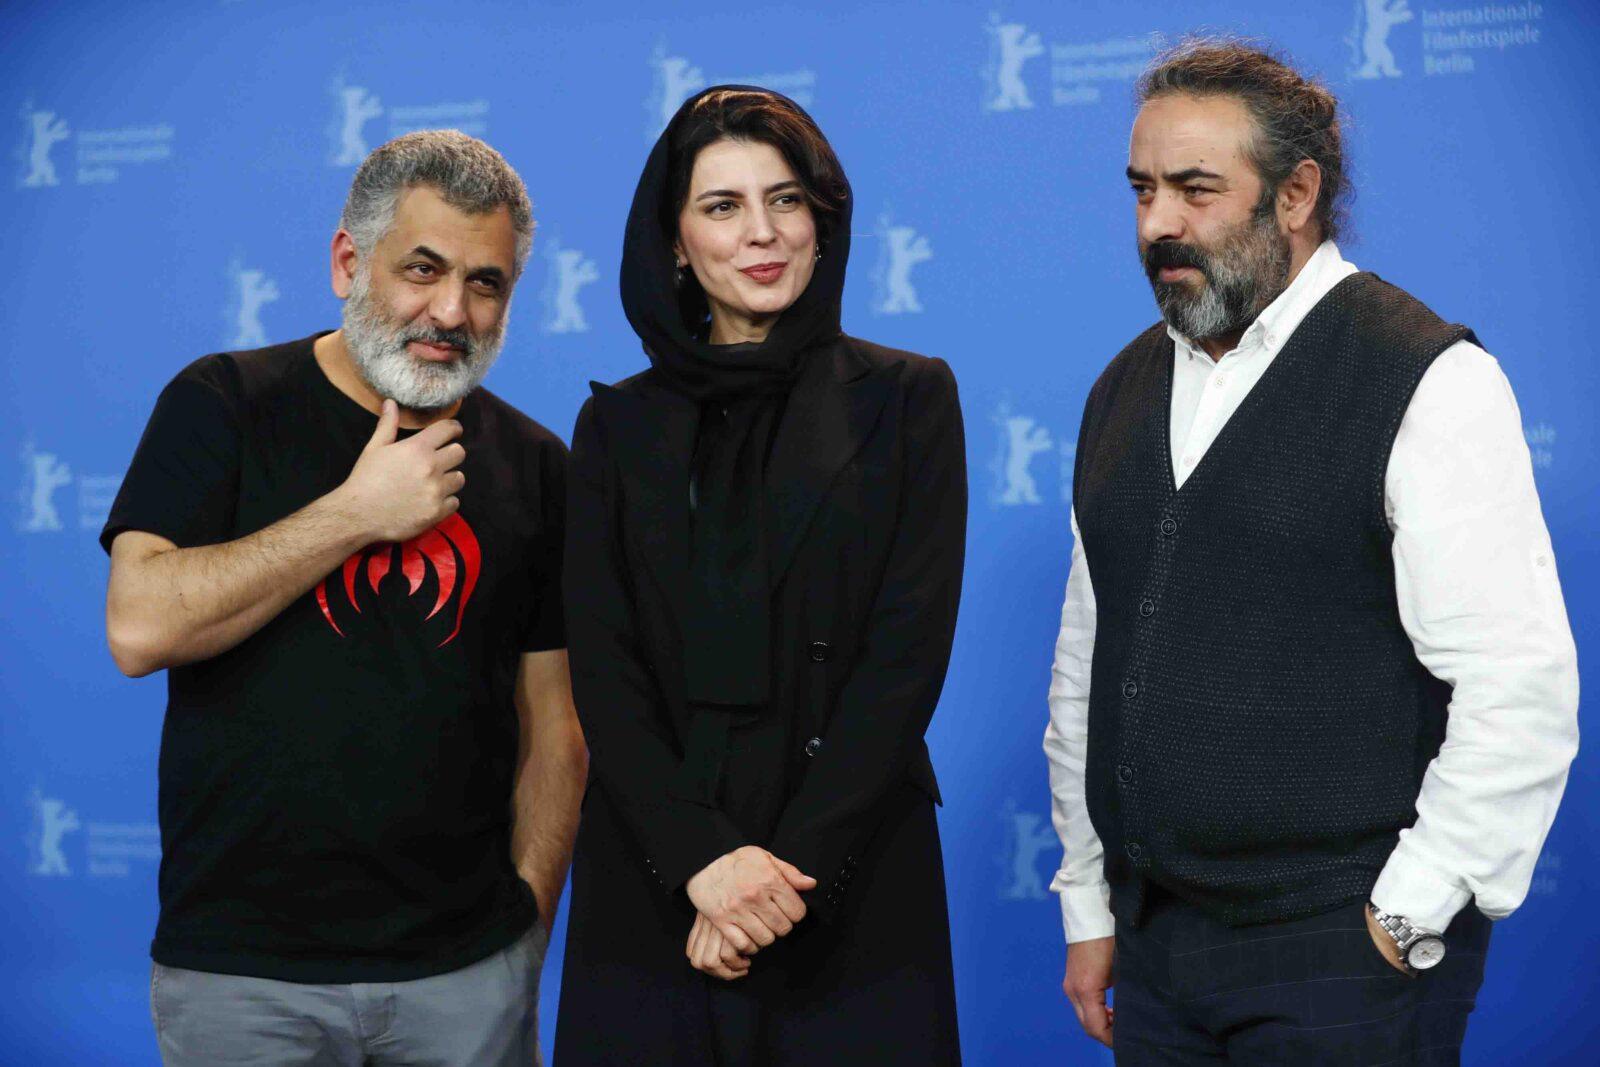 حسن معجونی، لیلا حاتمی و مانی حقیقی در جشنواره فیلم برلین